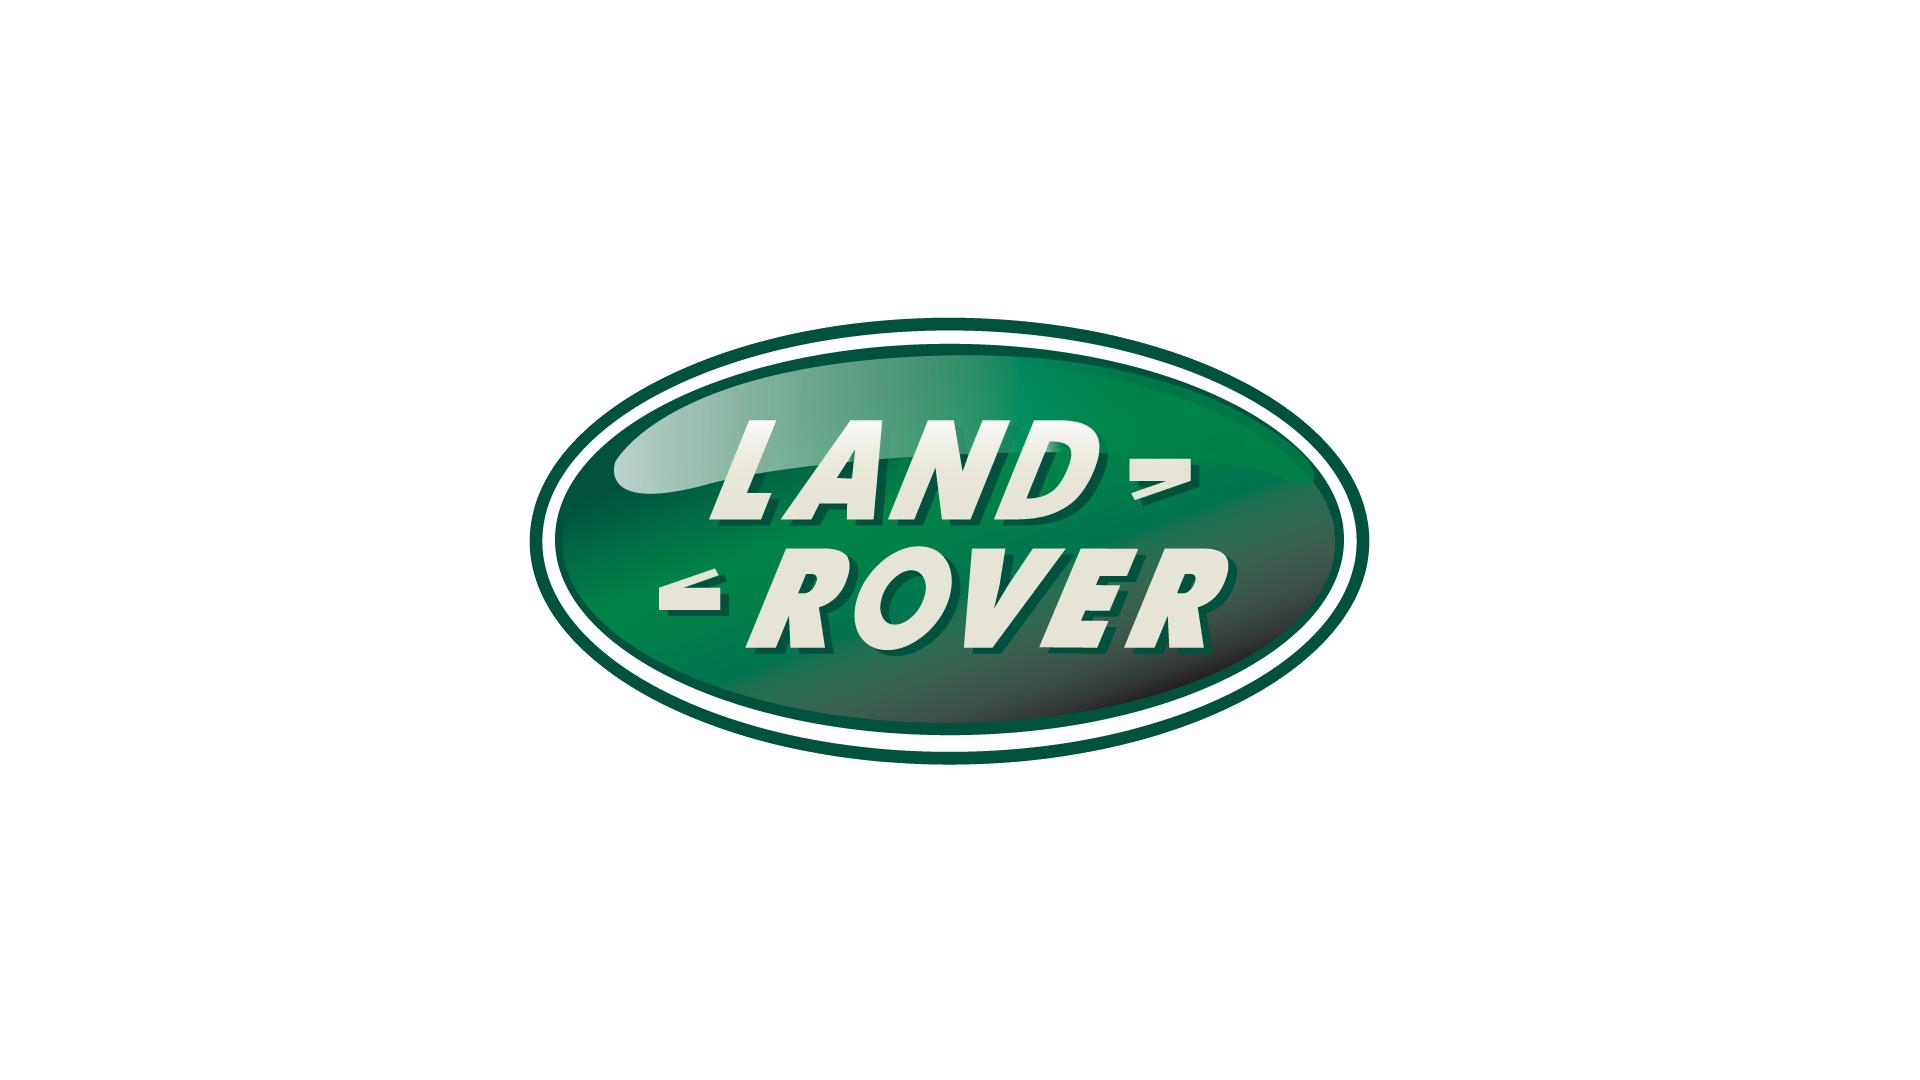 Image result for jaguar landrover logo clear background